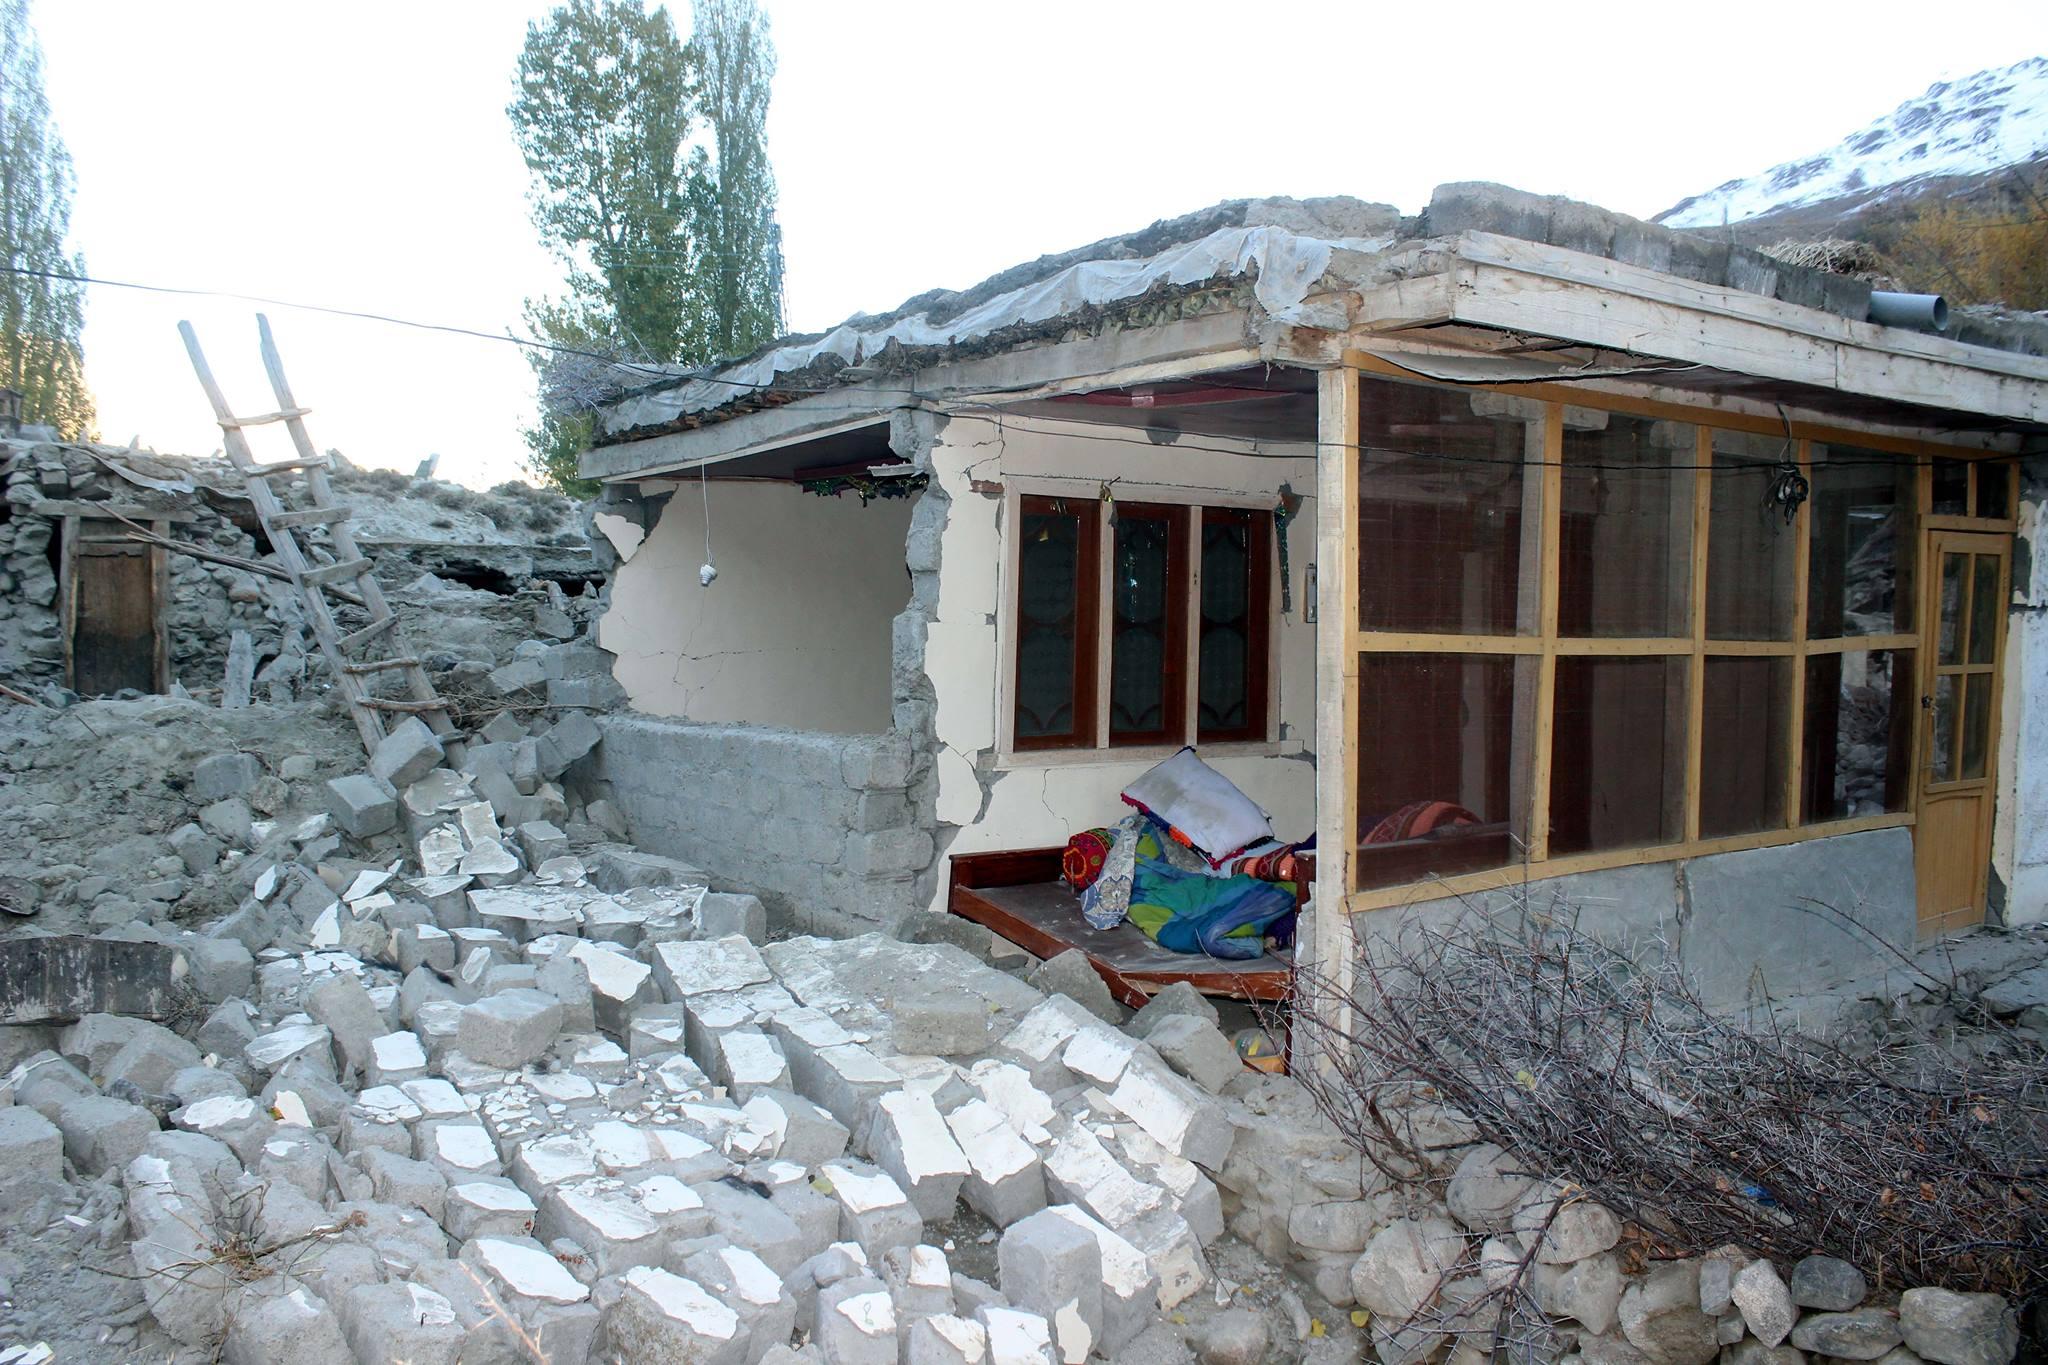 پھنڈر میں 361 گھر مکمل تباہ ہوگئے ہیں، جبکہ 807 کو جزوی نقصان پہنچا ہے، سروے رپورٹ